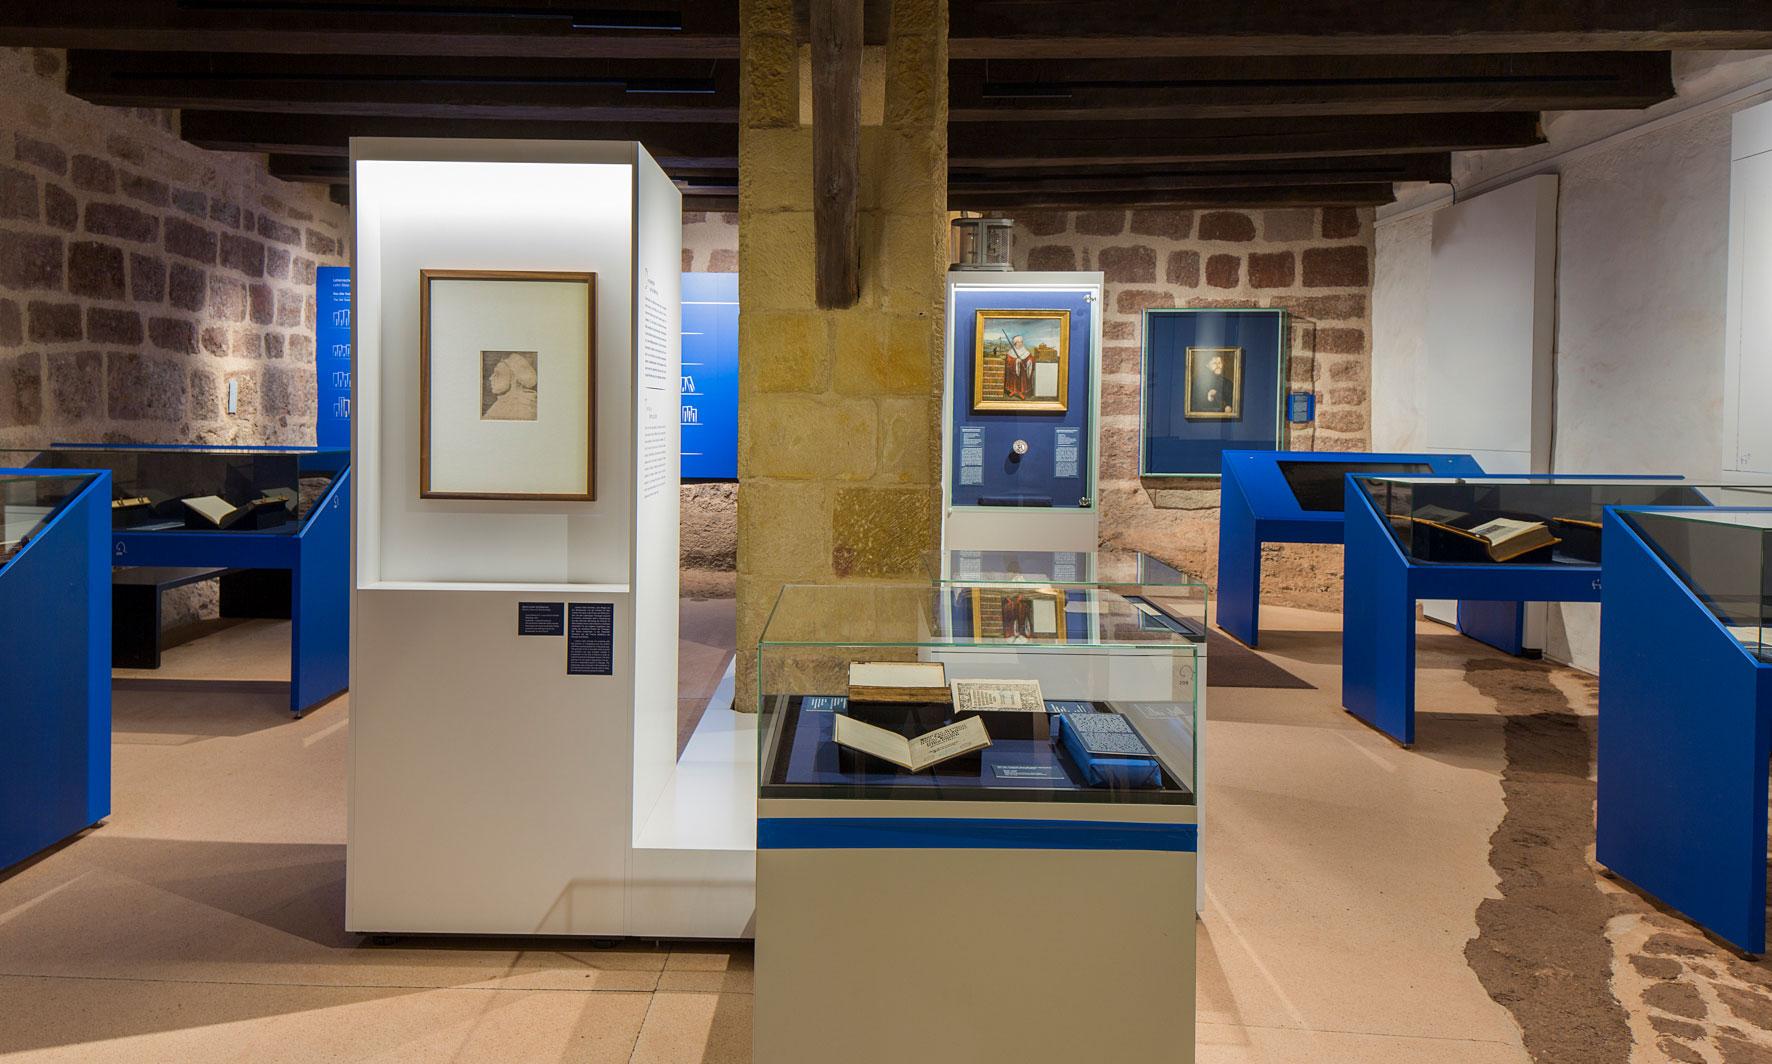 Innenaufnahme der Ausstellungsräume, Vitrinen mit verschiedenen Ausstellungsstücken, alte Bücher, Portraits, Touchscreens und Begleittexte